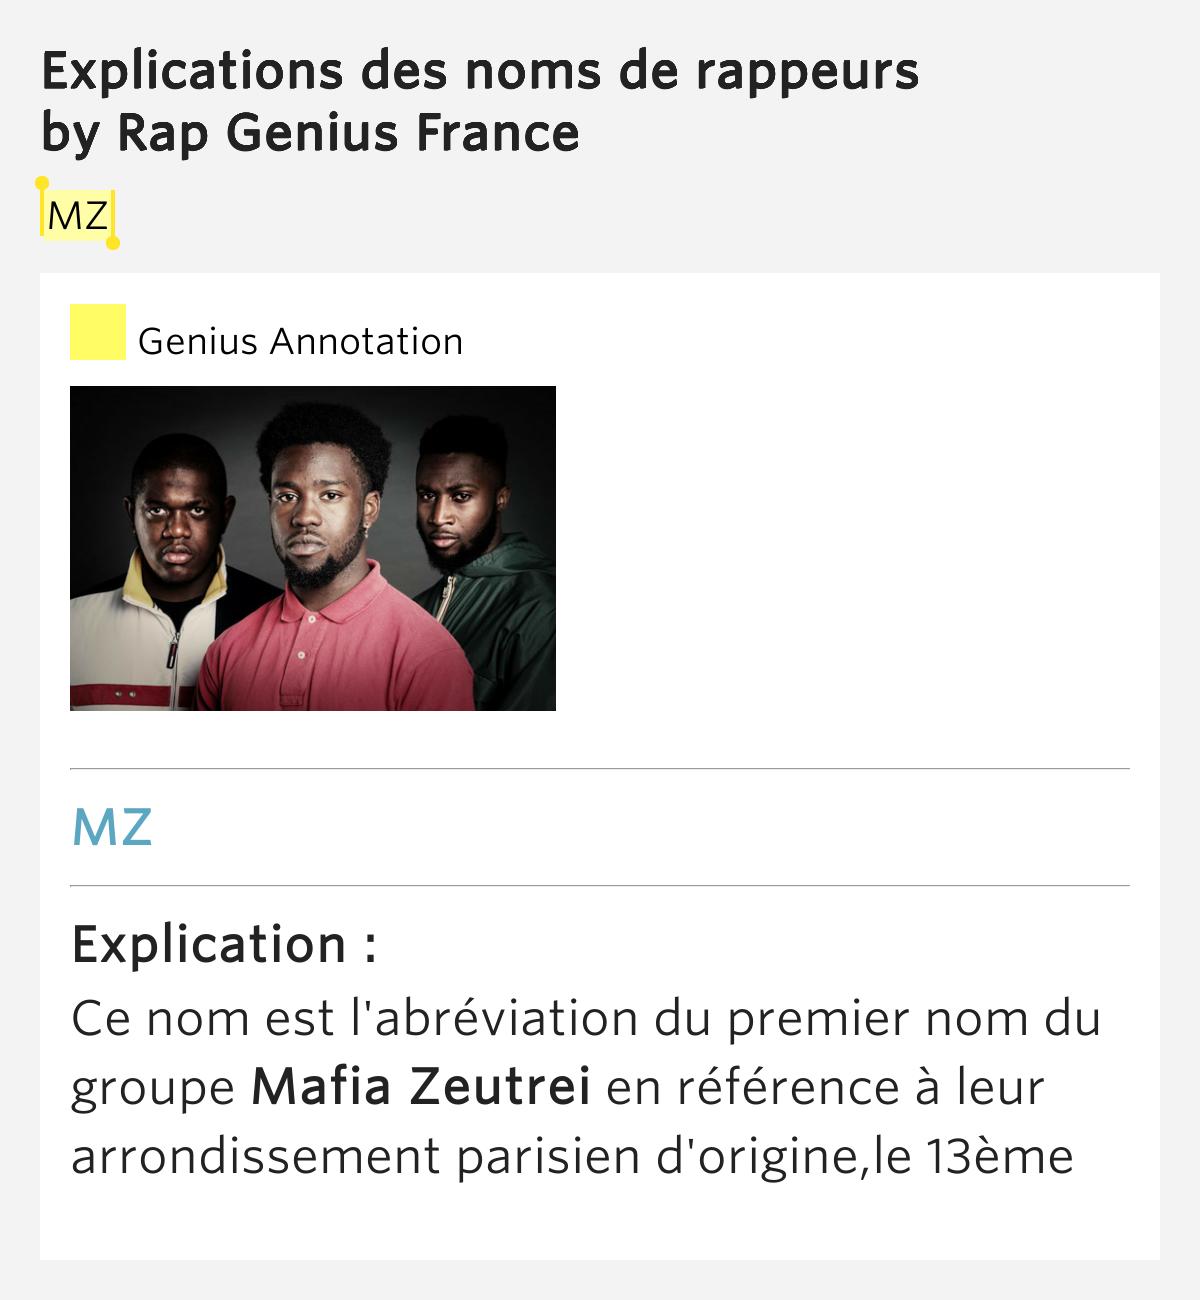 mz explications des noms de rappeurs by rap genius france. Black Bedroom Furniture Sets. Home Design Ideas